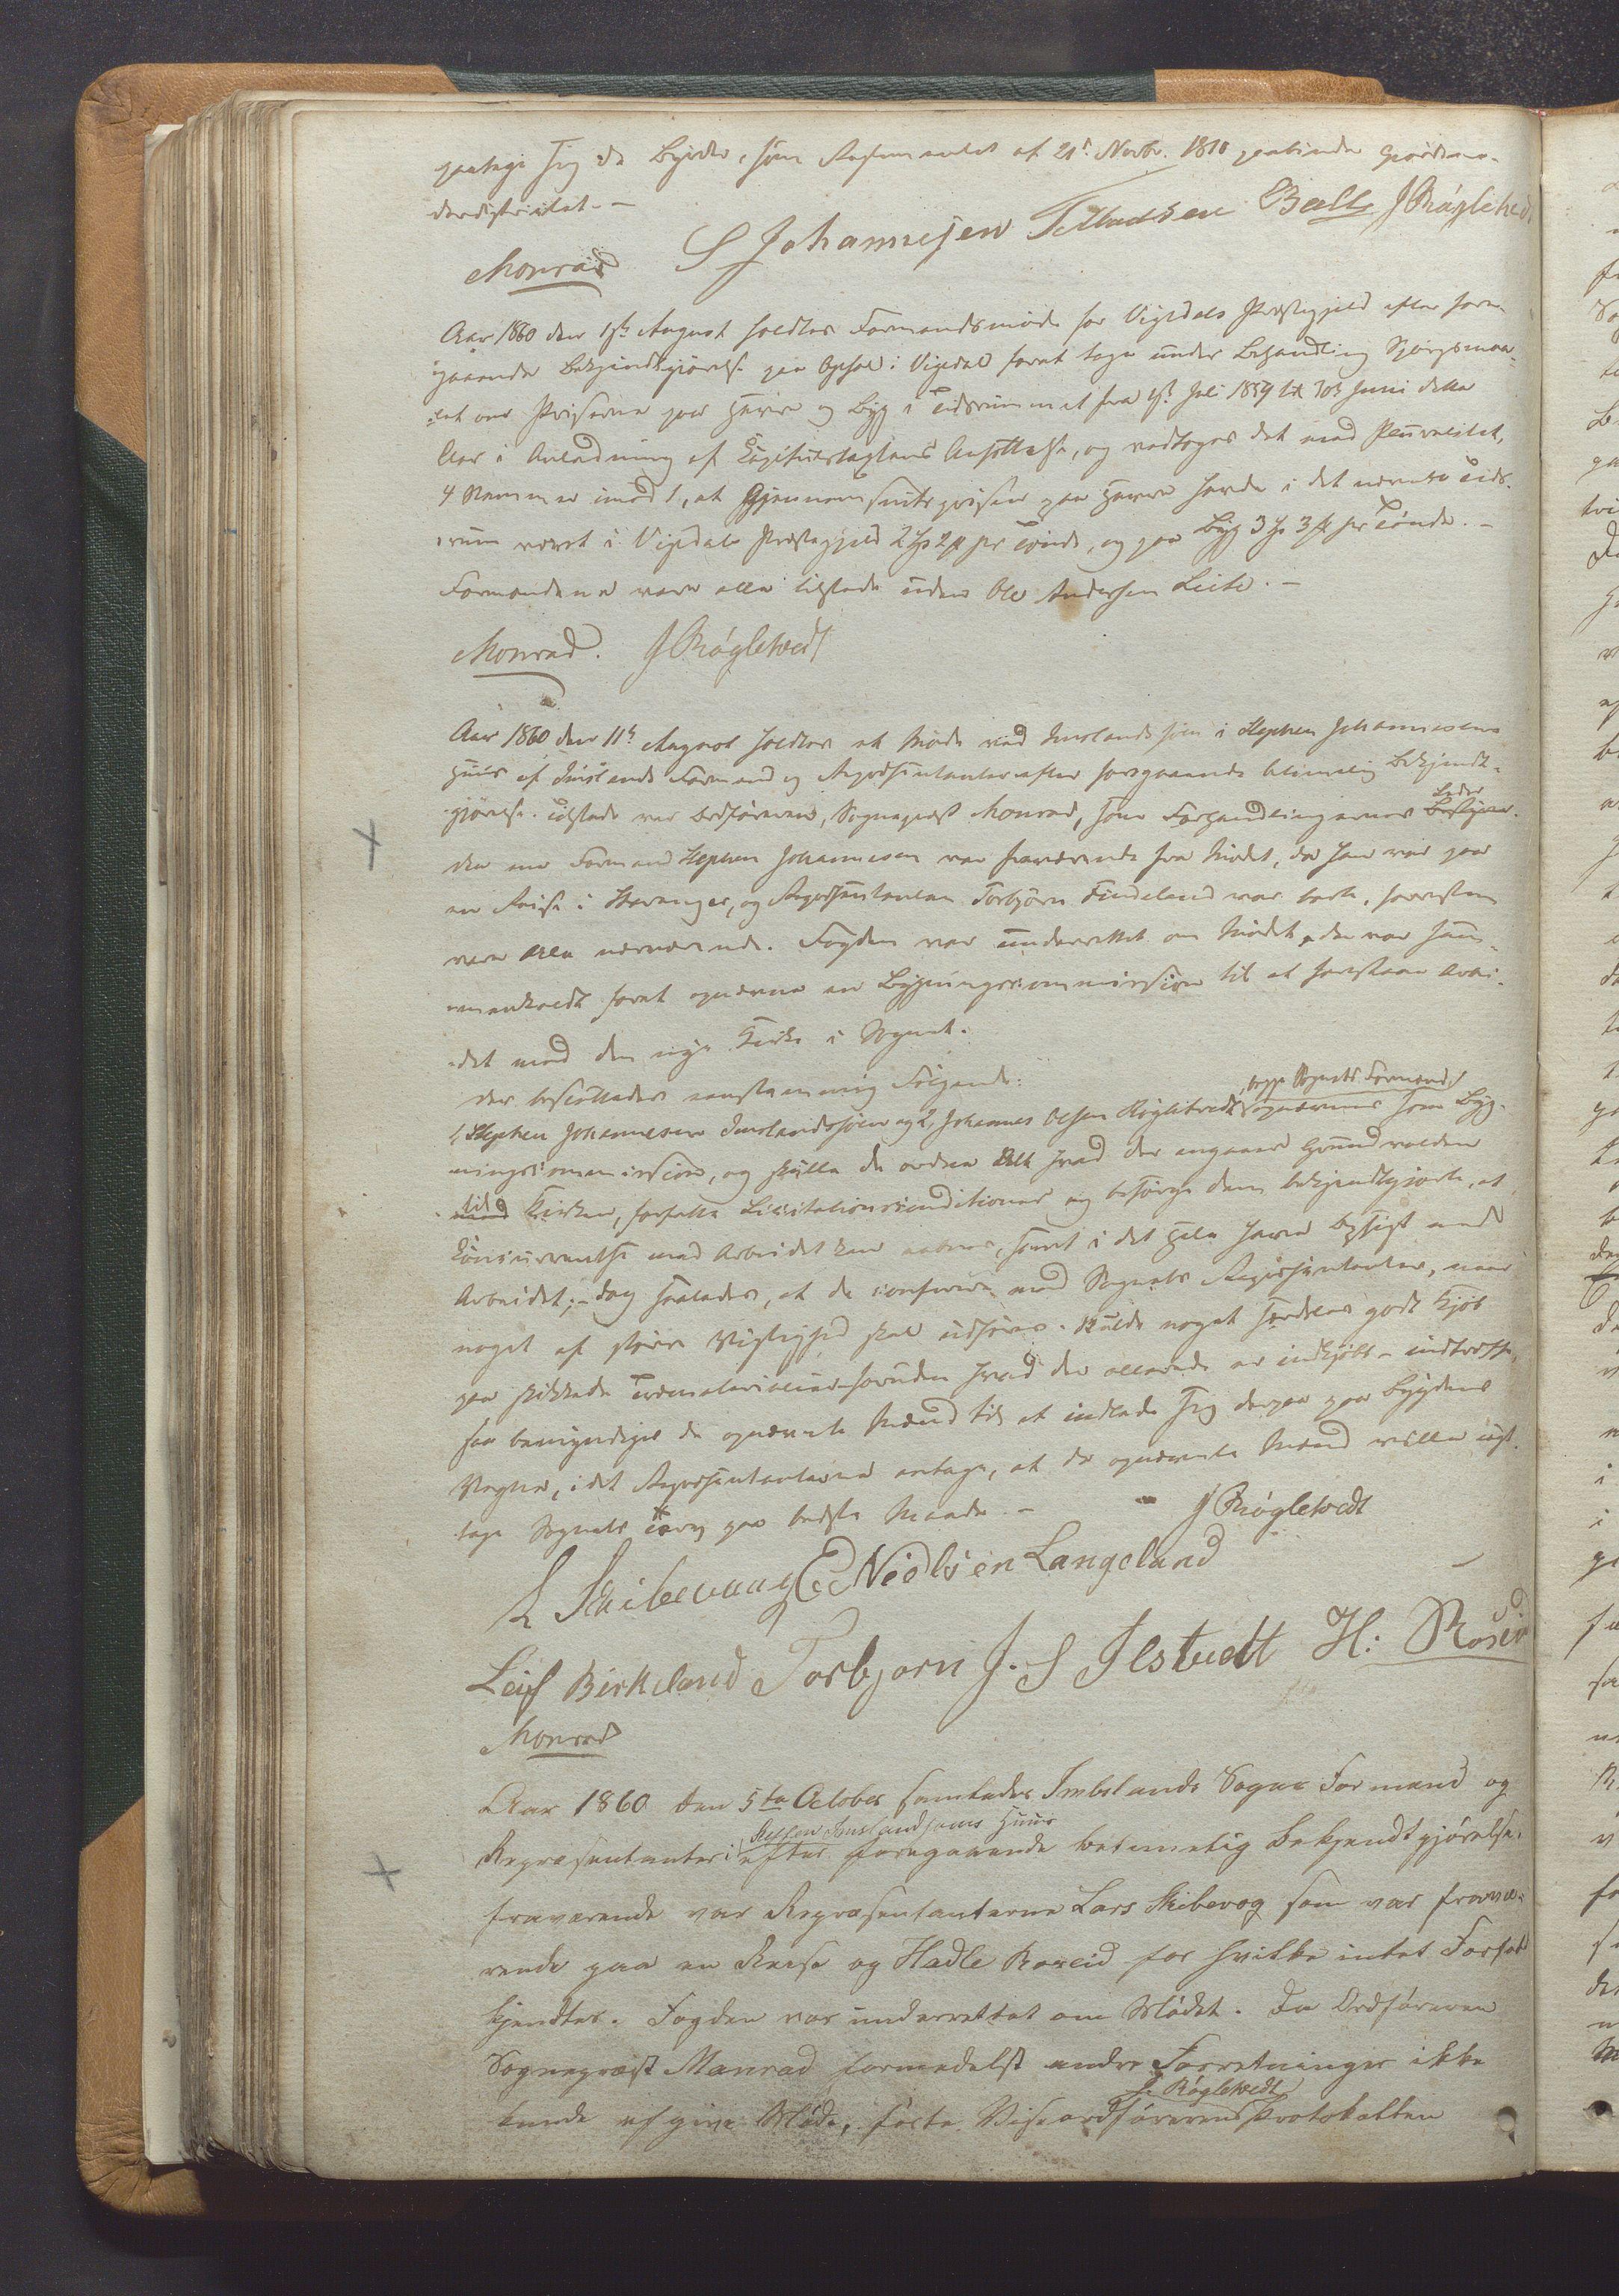 IKAR, Vikedal kommune - Formannskapet, Aaa/L0001: Møtebok, 1837-1874, s. 131b